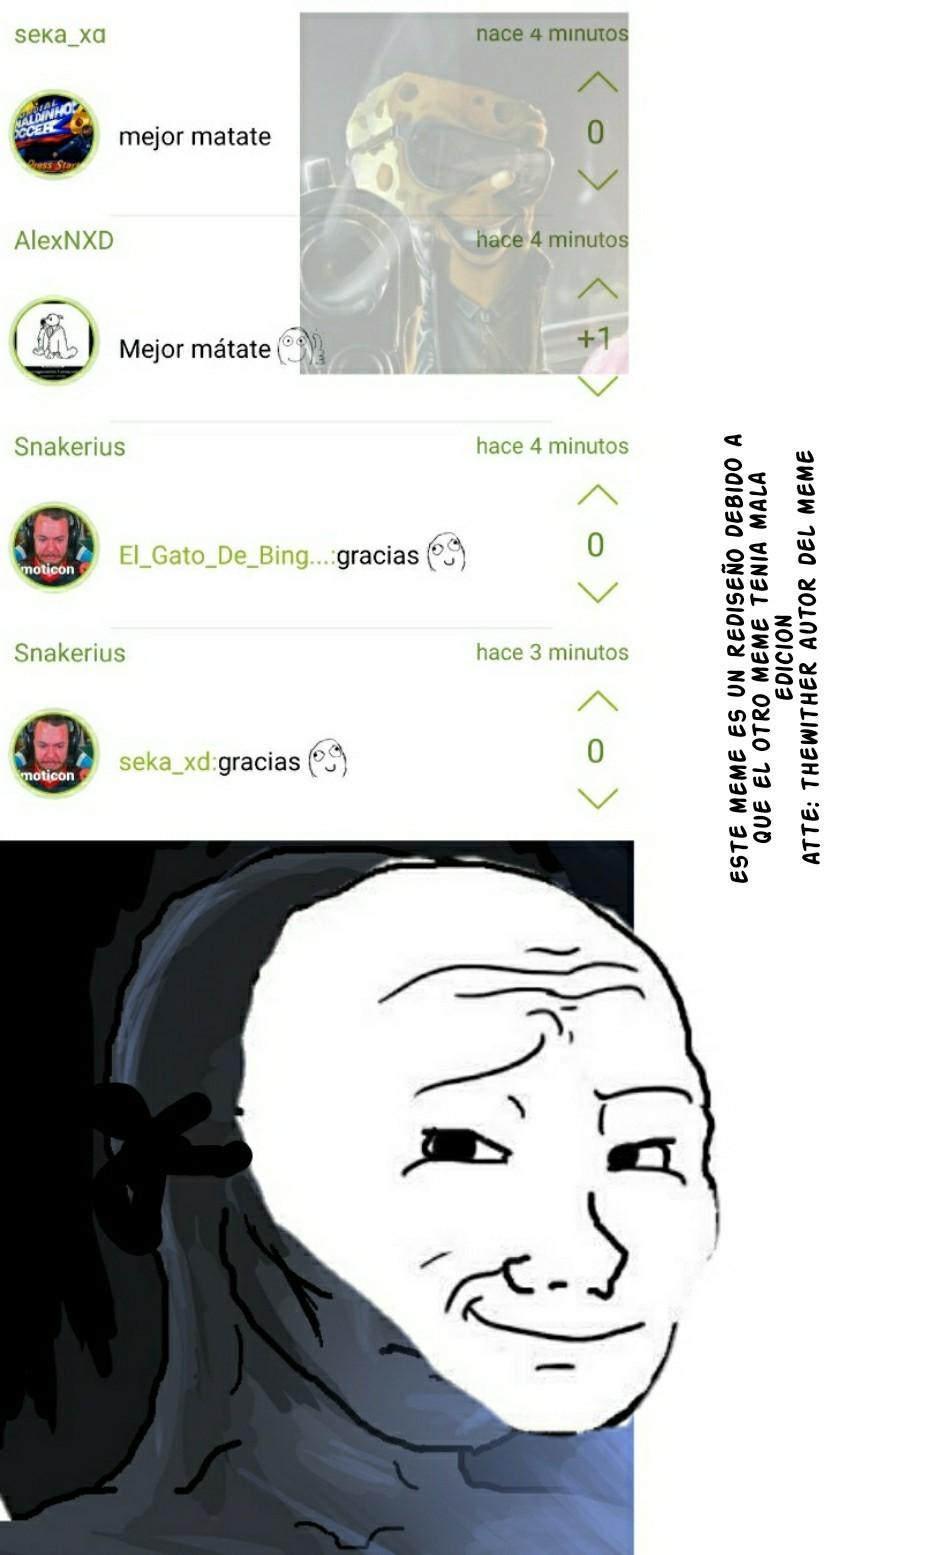 Perdon por la edicion mala - meme